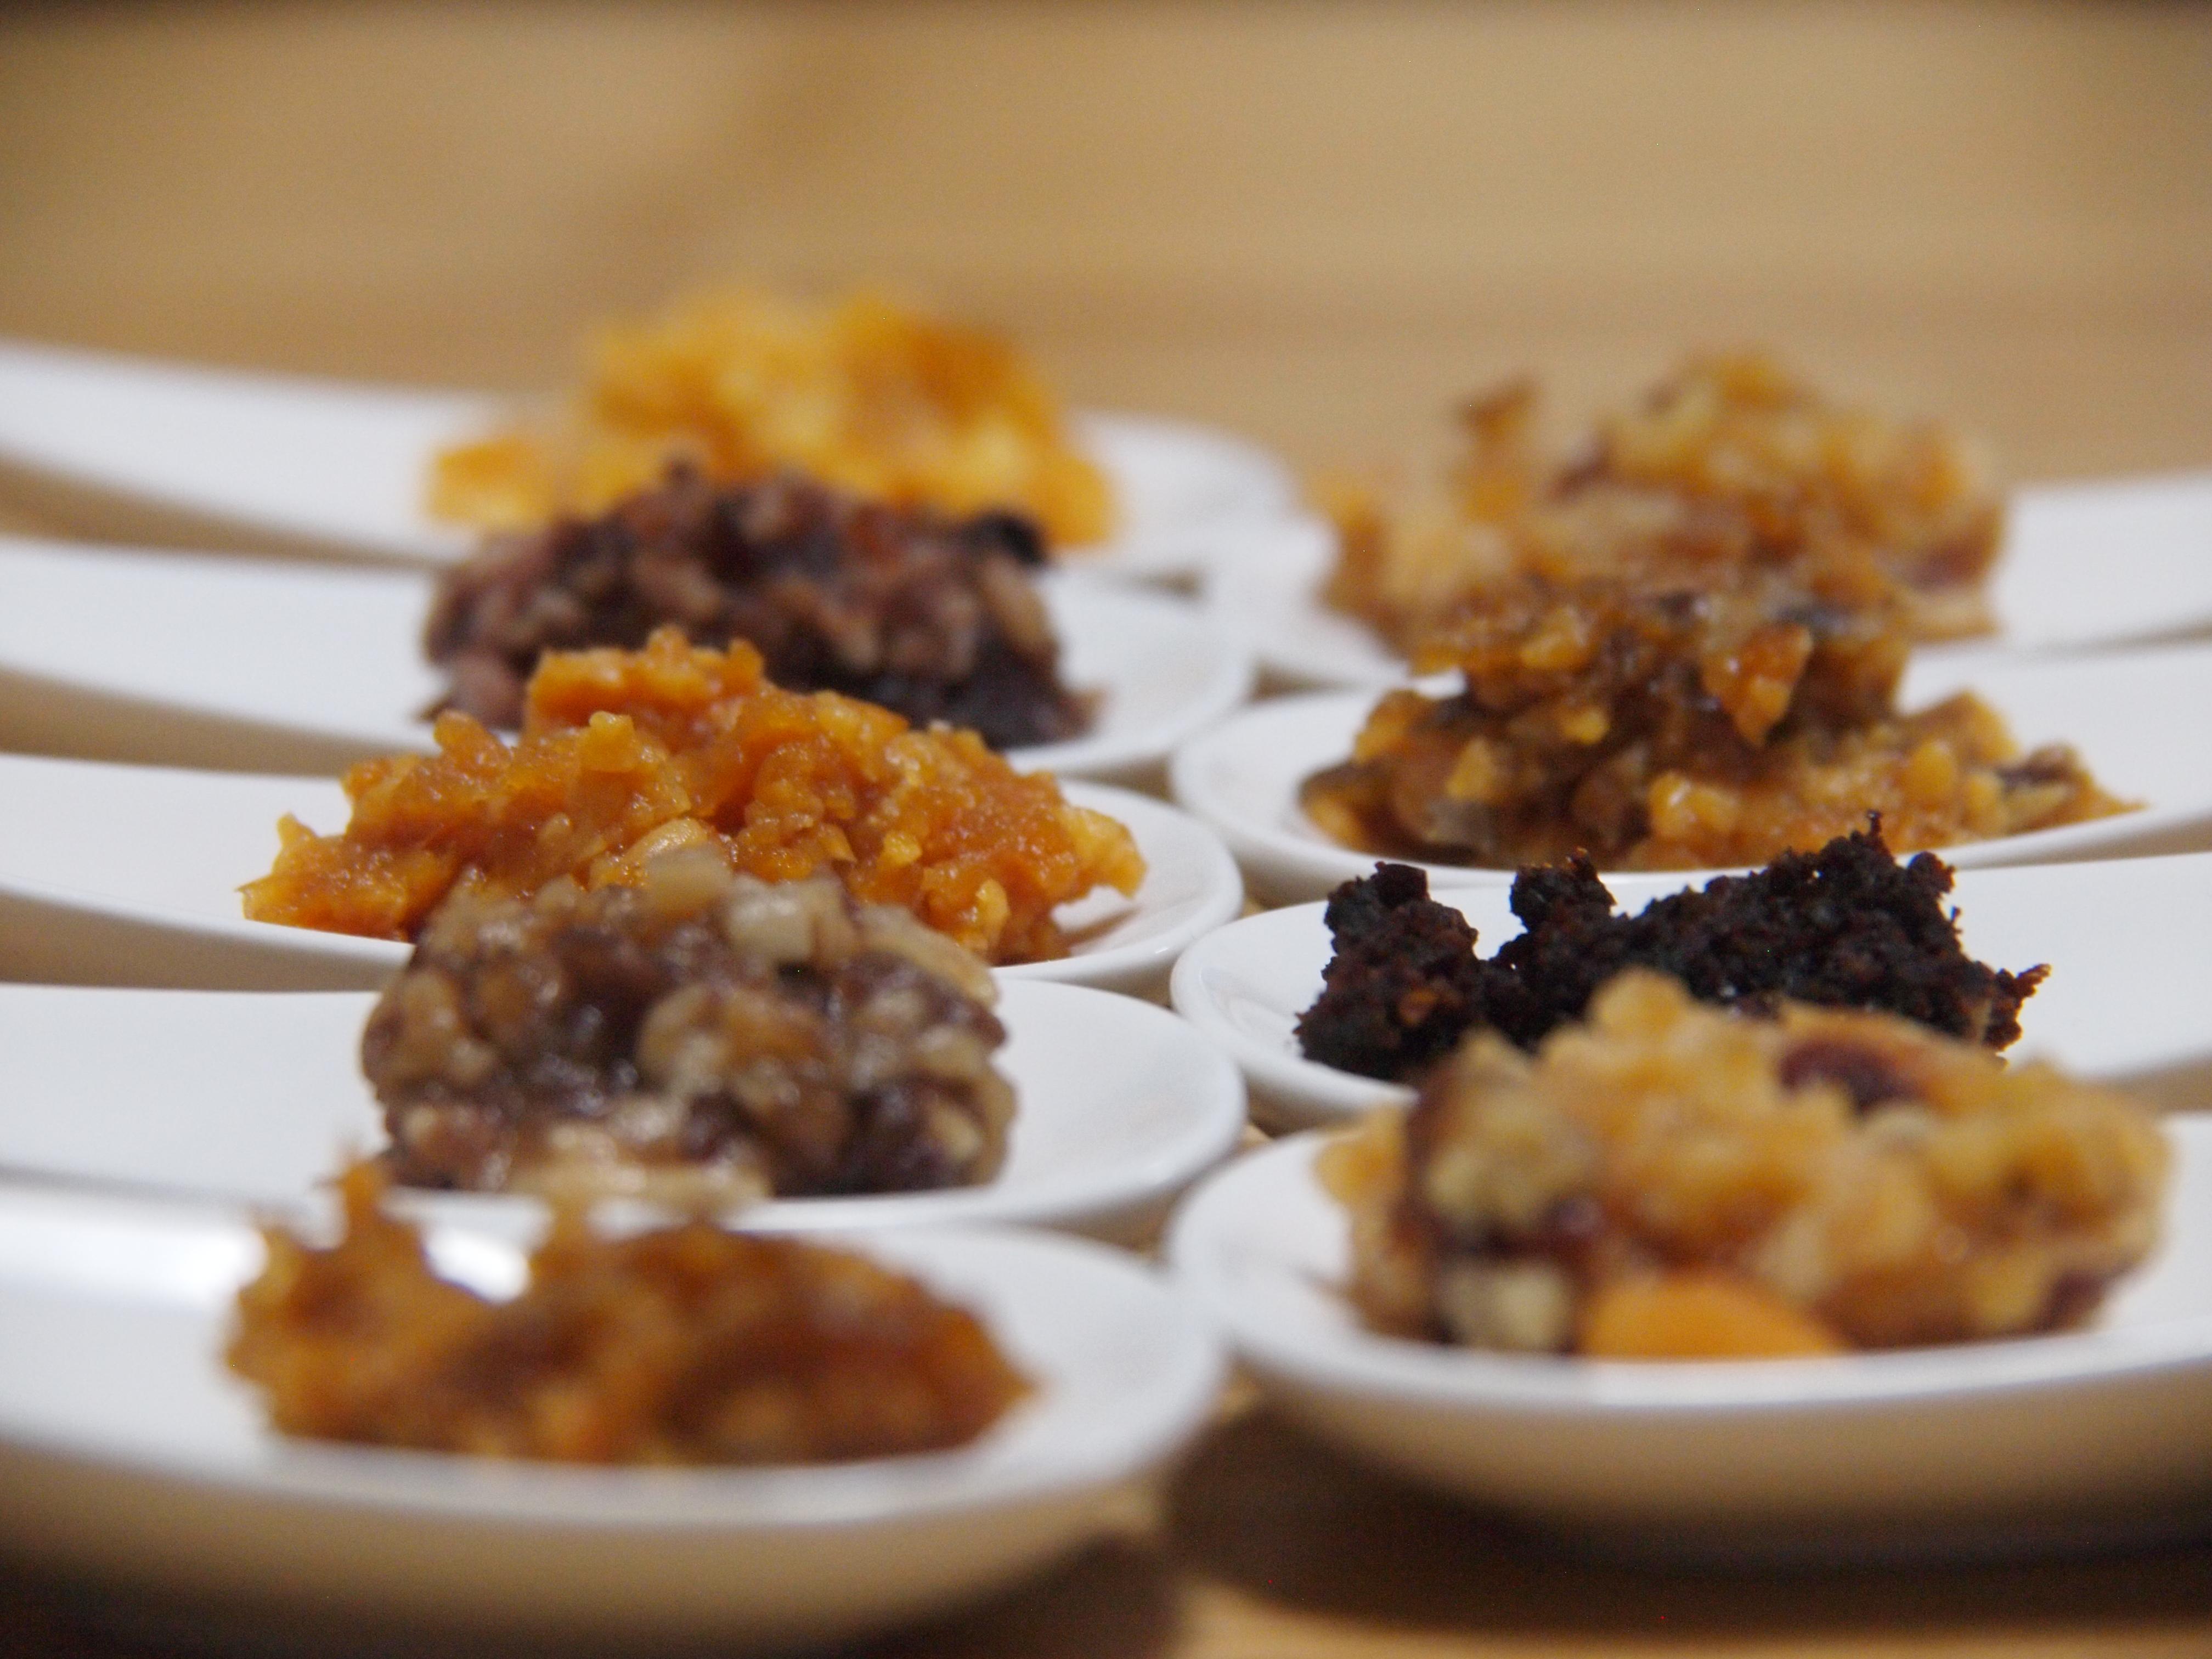 手作り味噌×豆8種類!そのお味は?